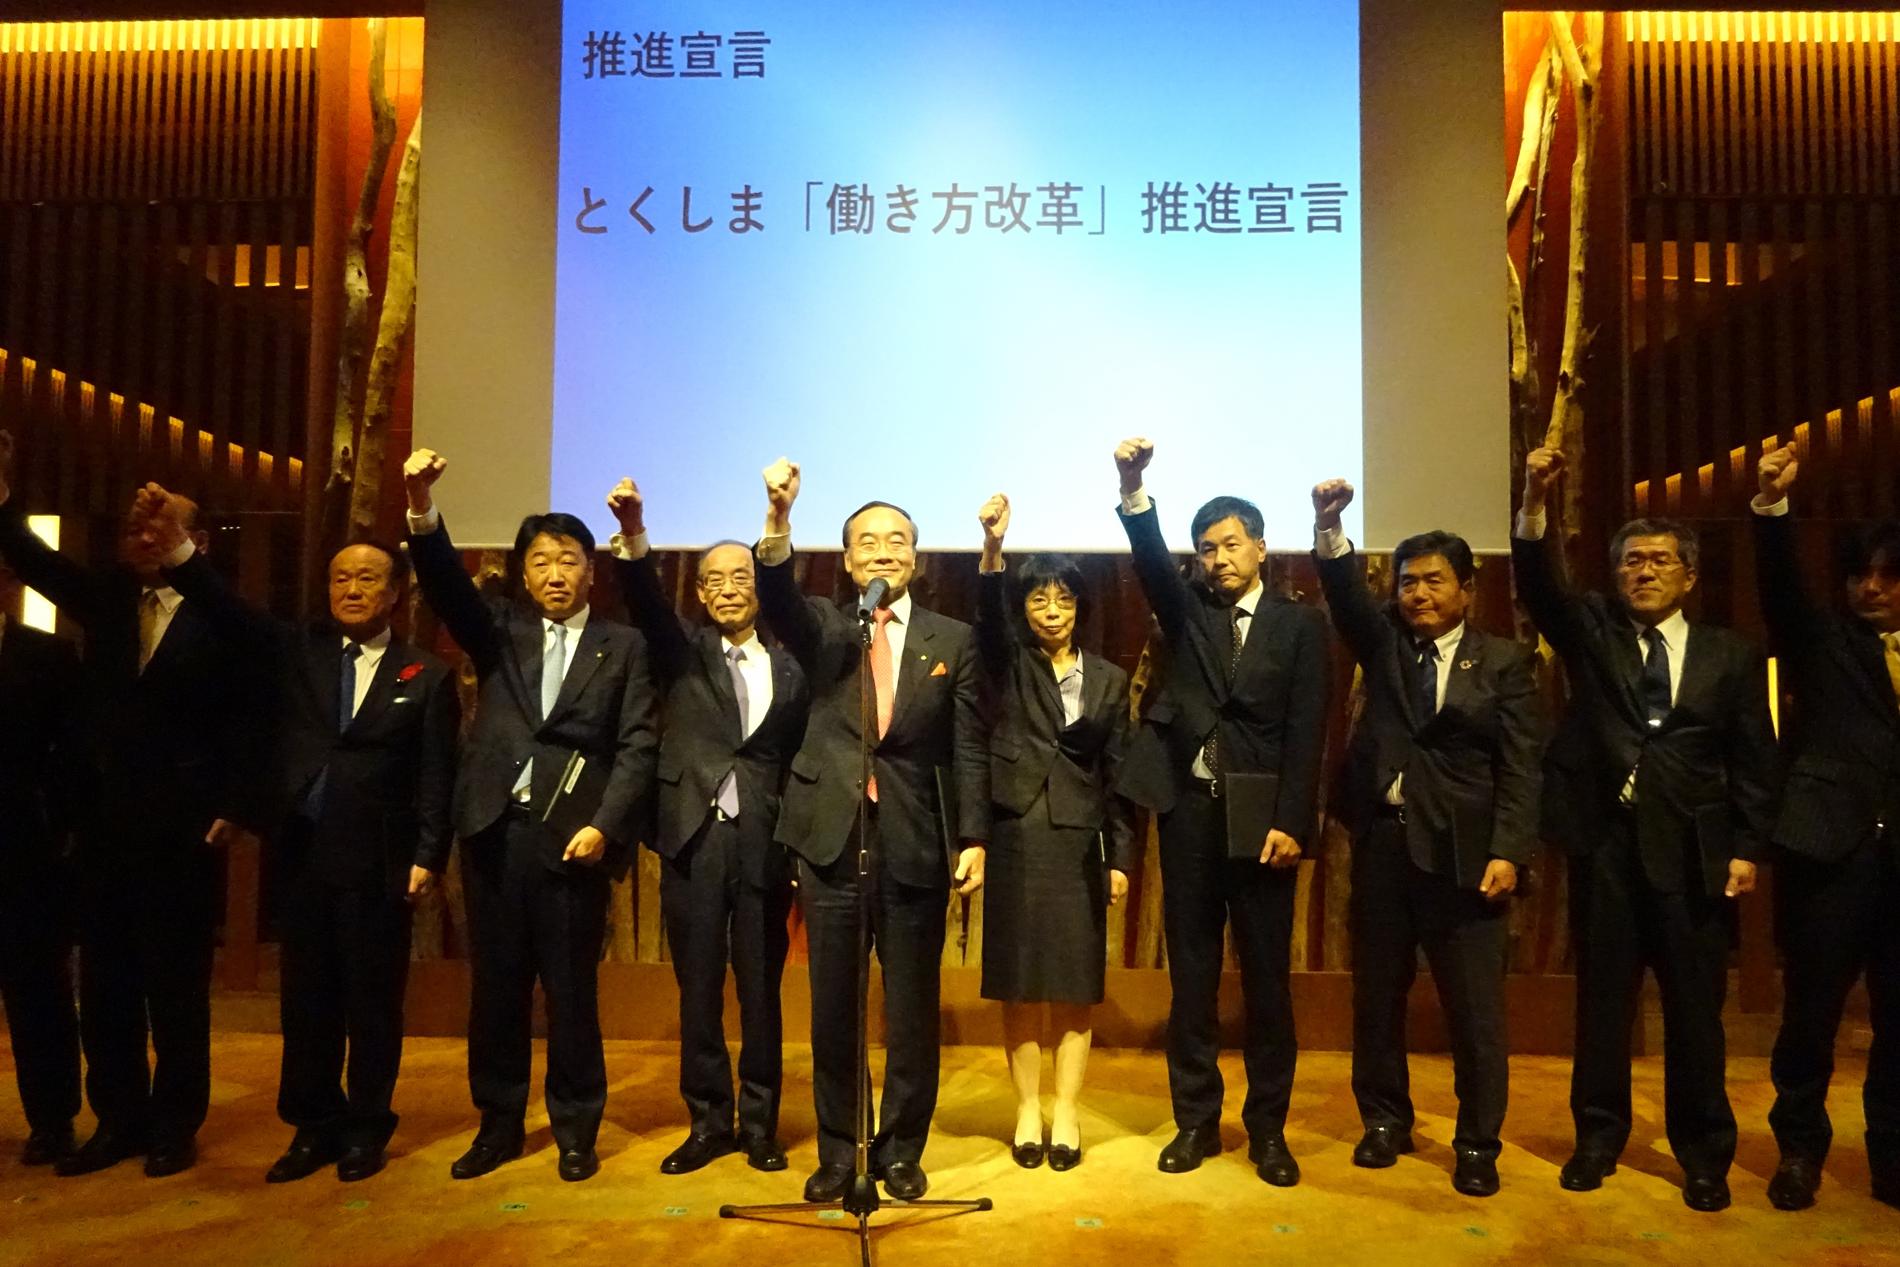 とくしま「働き方改革」推進宣言